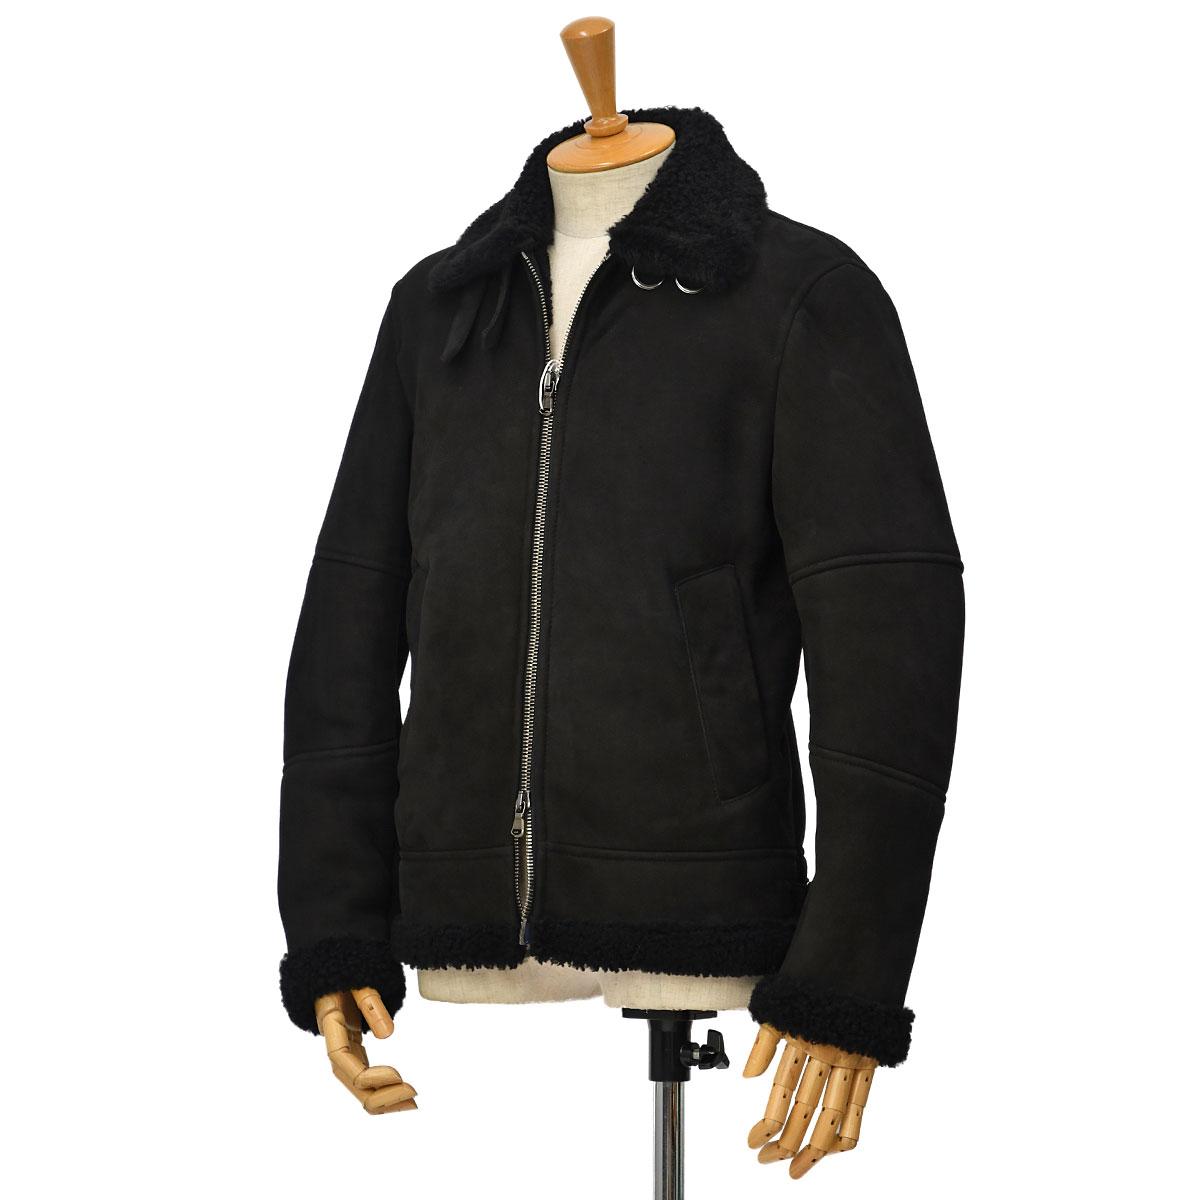 AVIGNON【アヴィニョン】B-3 ボンバージャケット MEGEVE BLACK ムートン ブラック